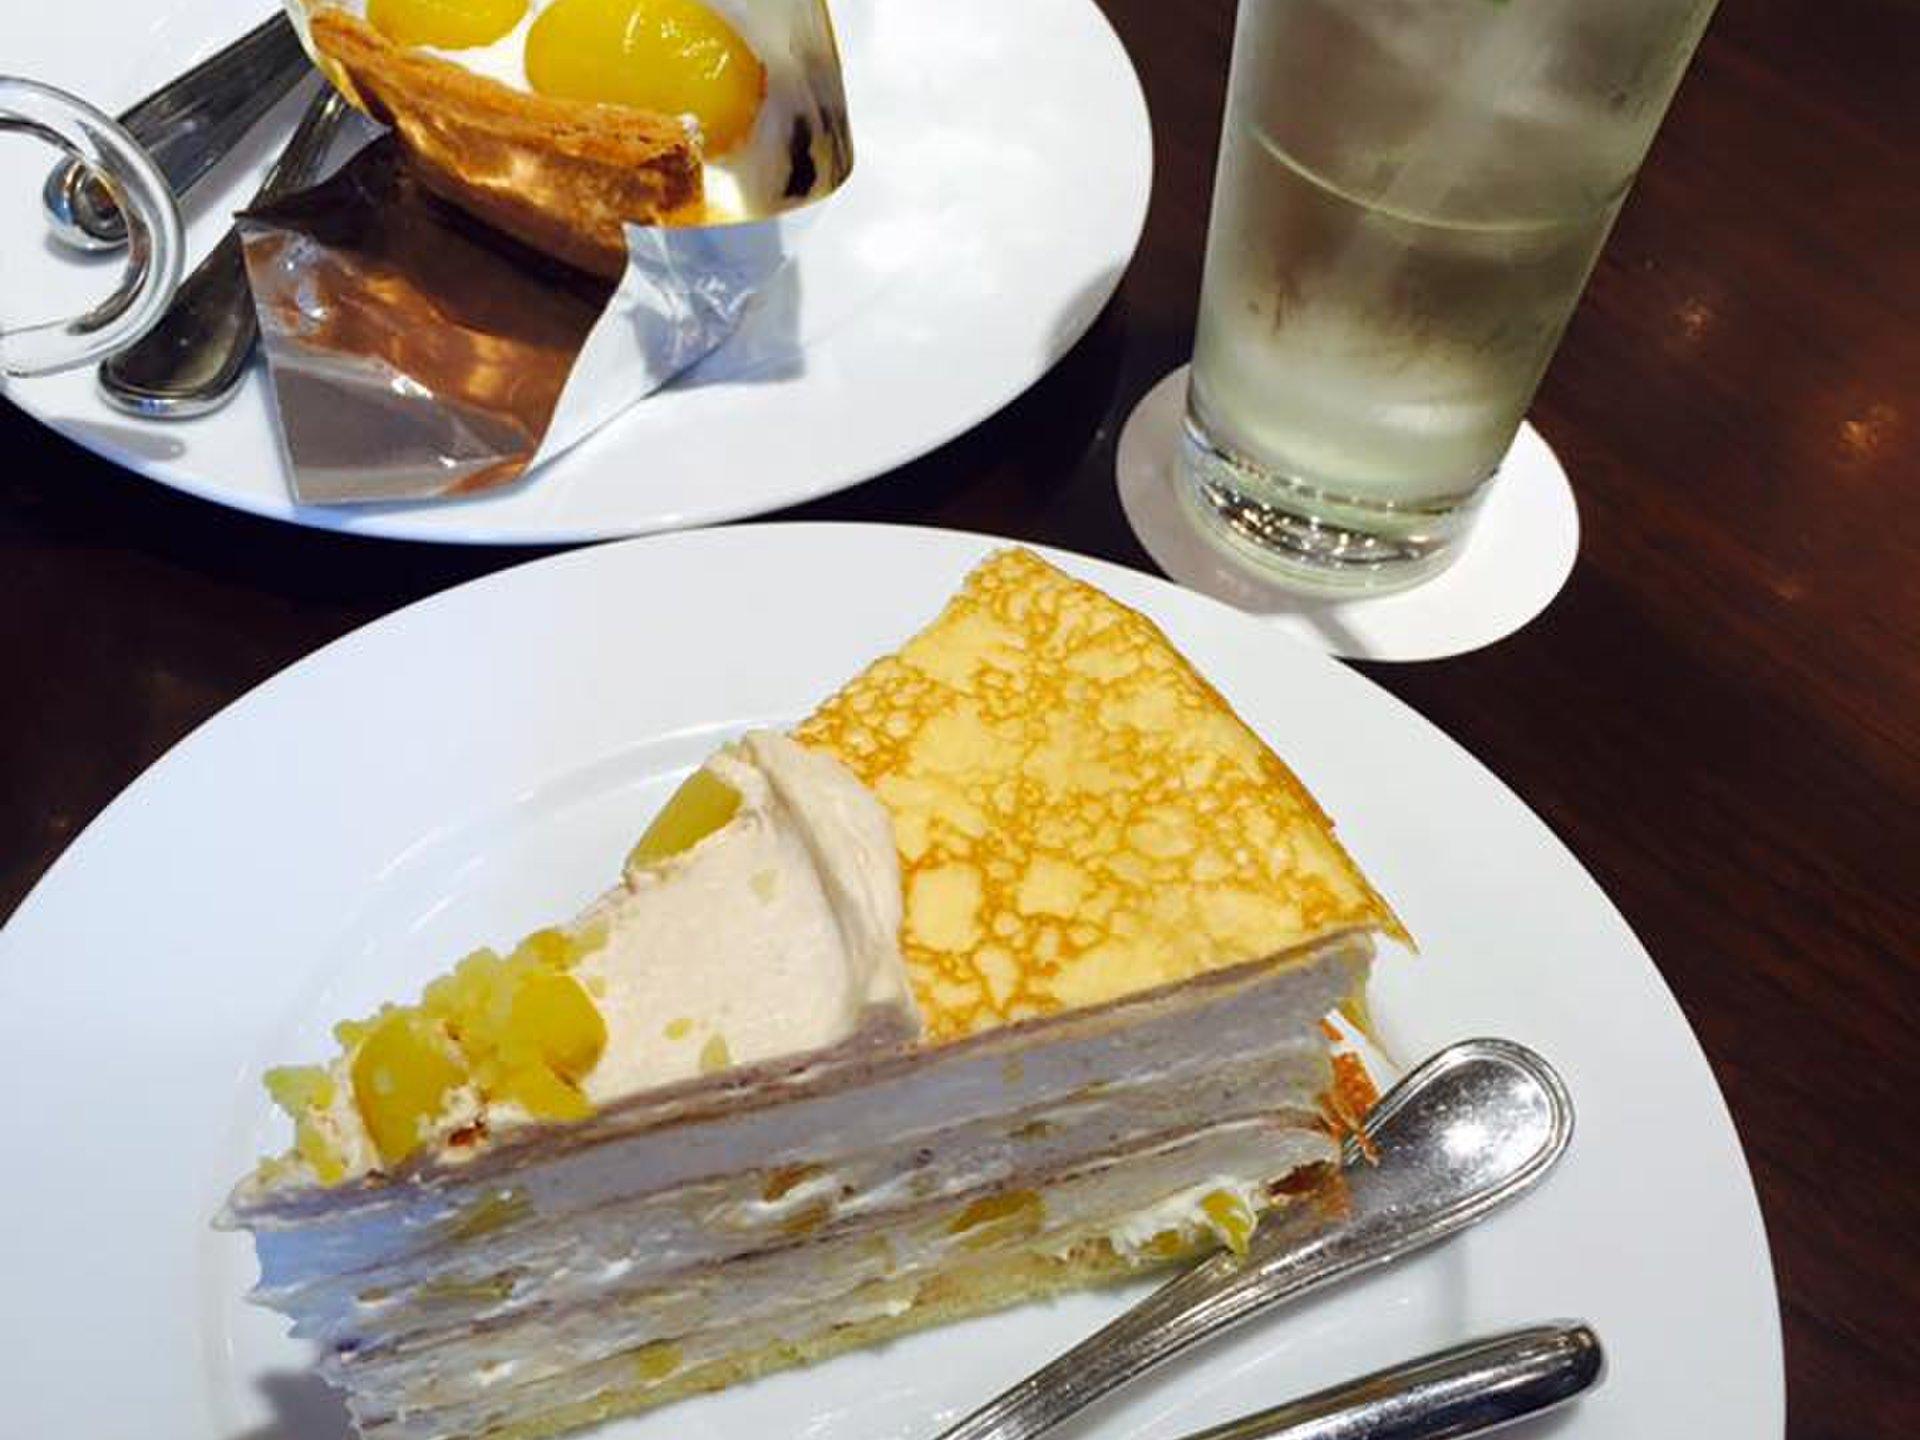 【池袋・ルミネ】駅直結!「HARBS」のハーブティー&ケーキでゆったりとしたカフェタイムを♪